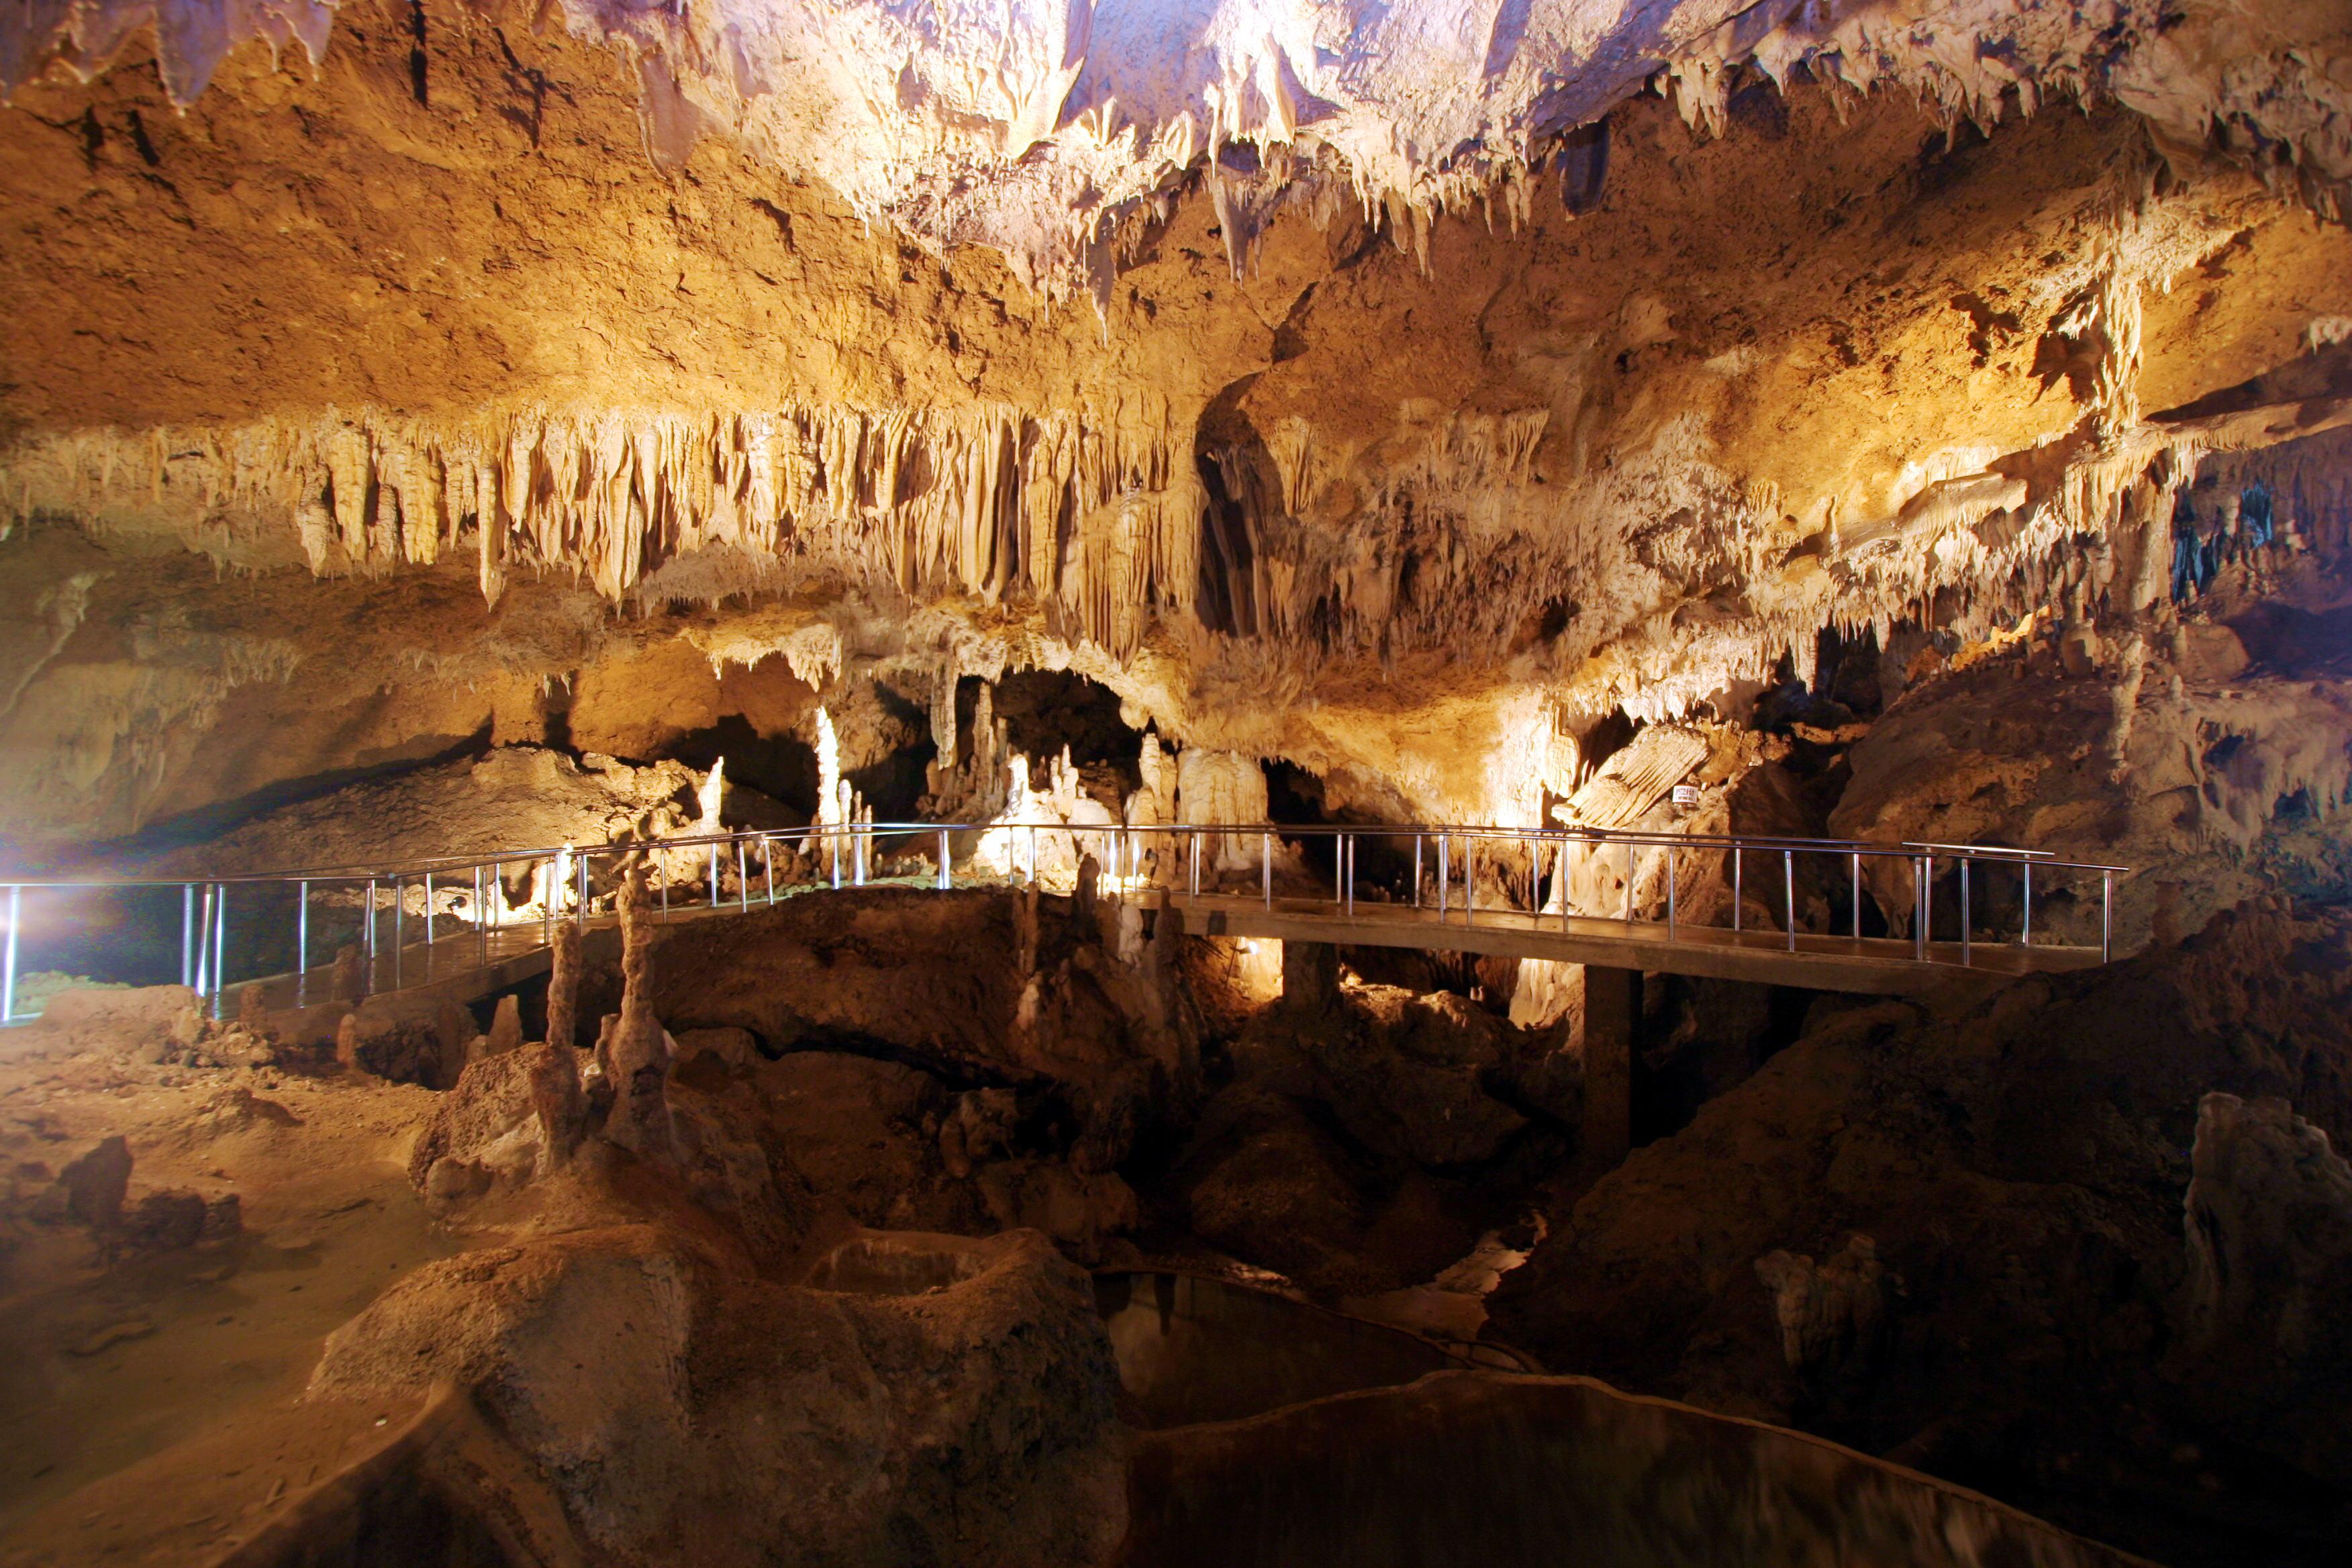 石 の 洞窟 oras